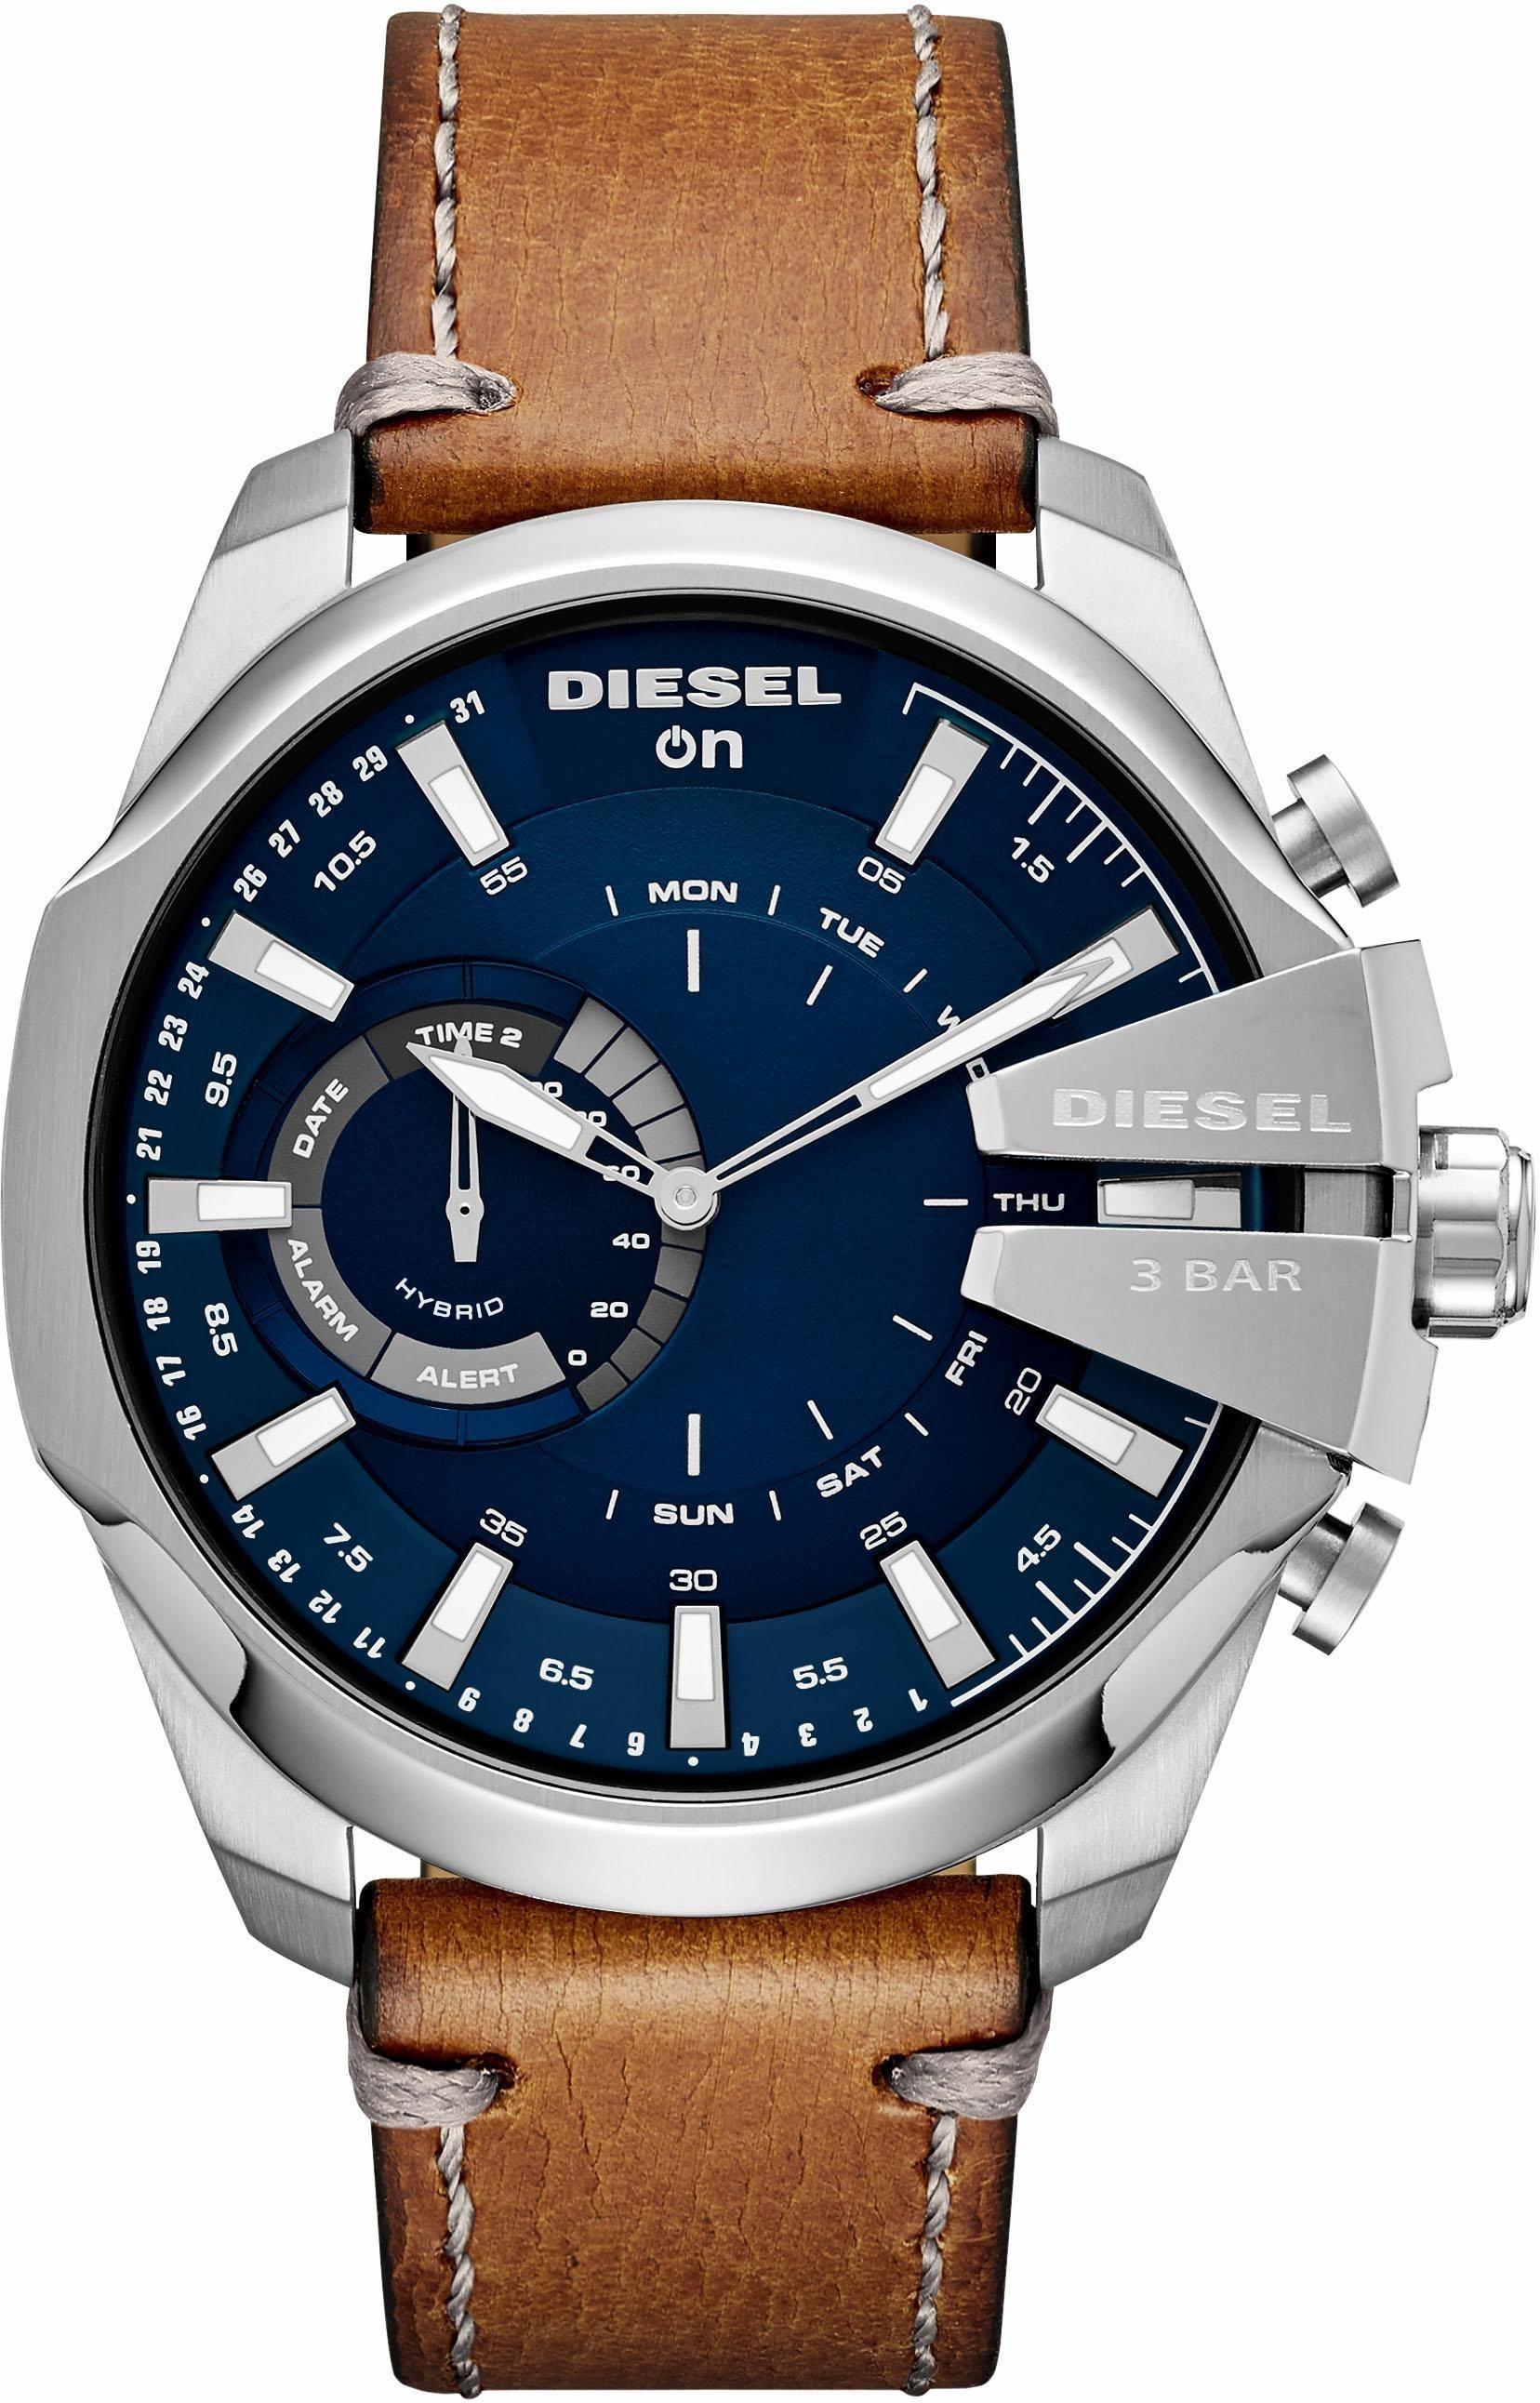 Herren DIESEL ON MEGACHIEF, DZT1009 Smartwatch (Android Wear) braun | 04053858924109